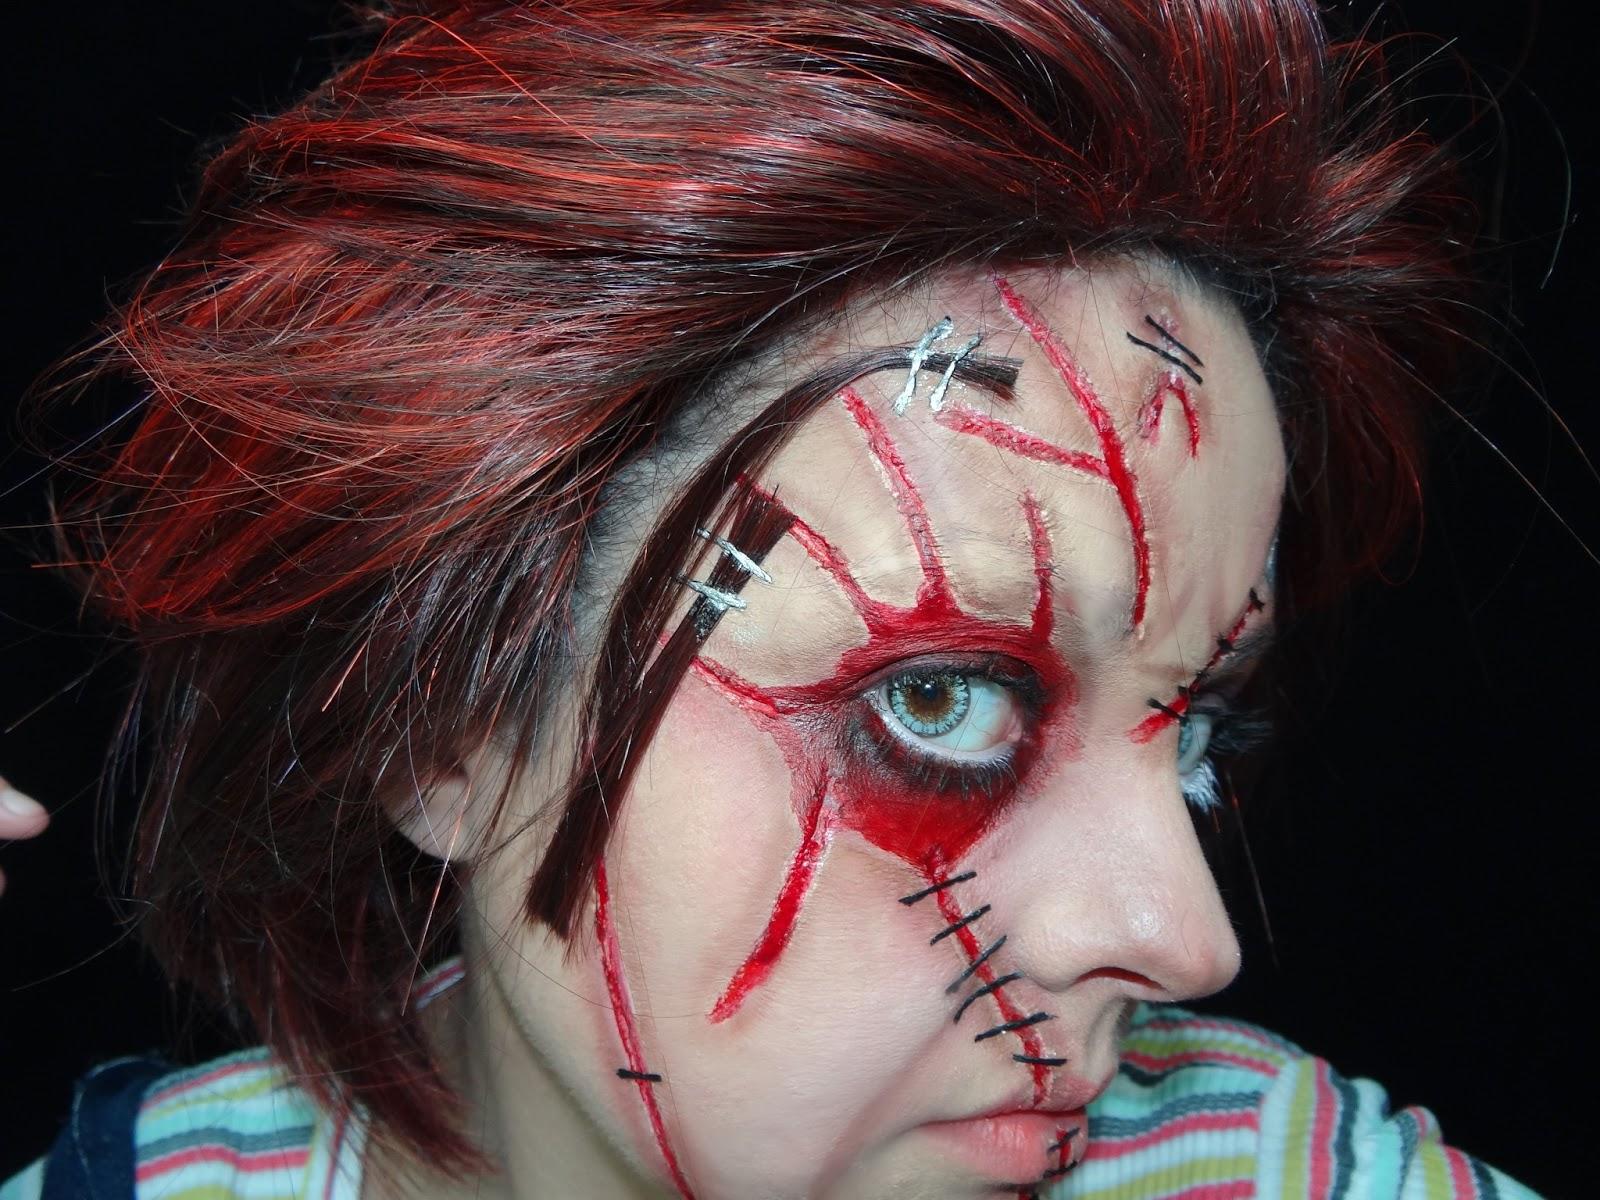 Jack Boneco Assassino Delightful renata monteiro - maquiagens artísticas e sociais: maquiagem do